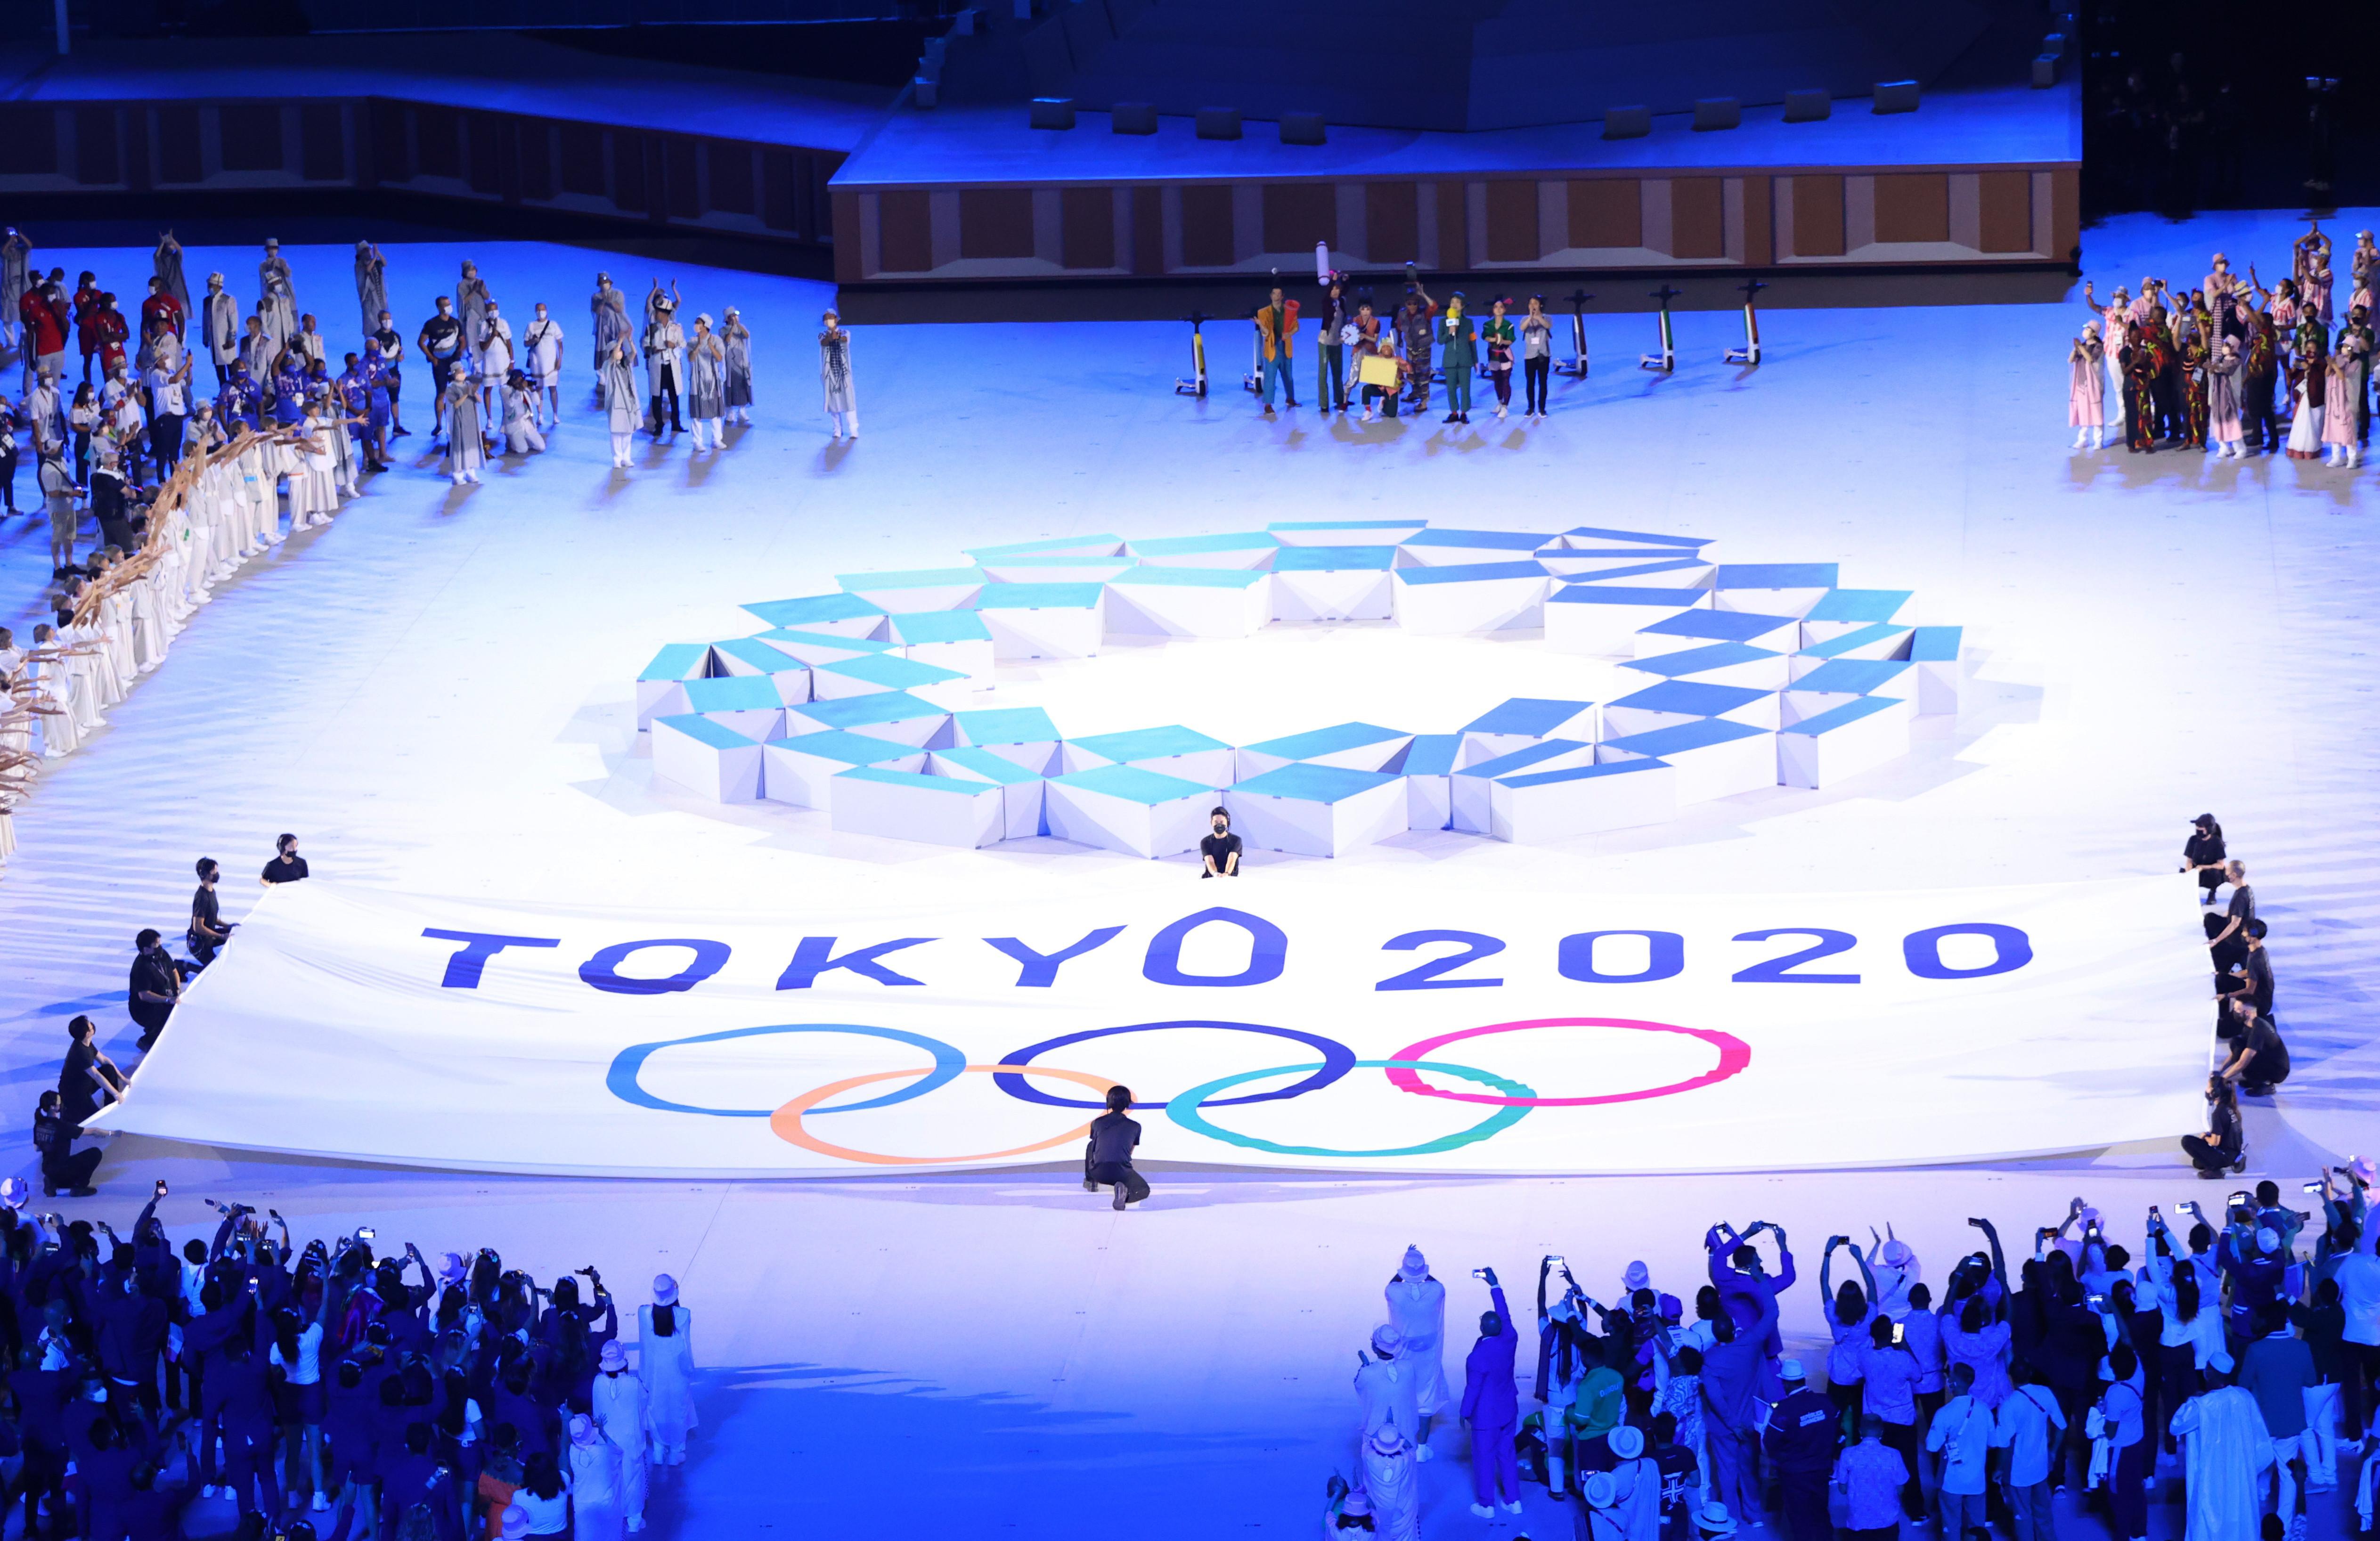 日本,東京奧運,競技,台灣,經濟,財政